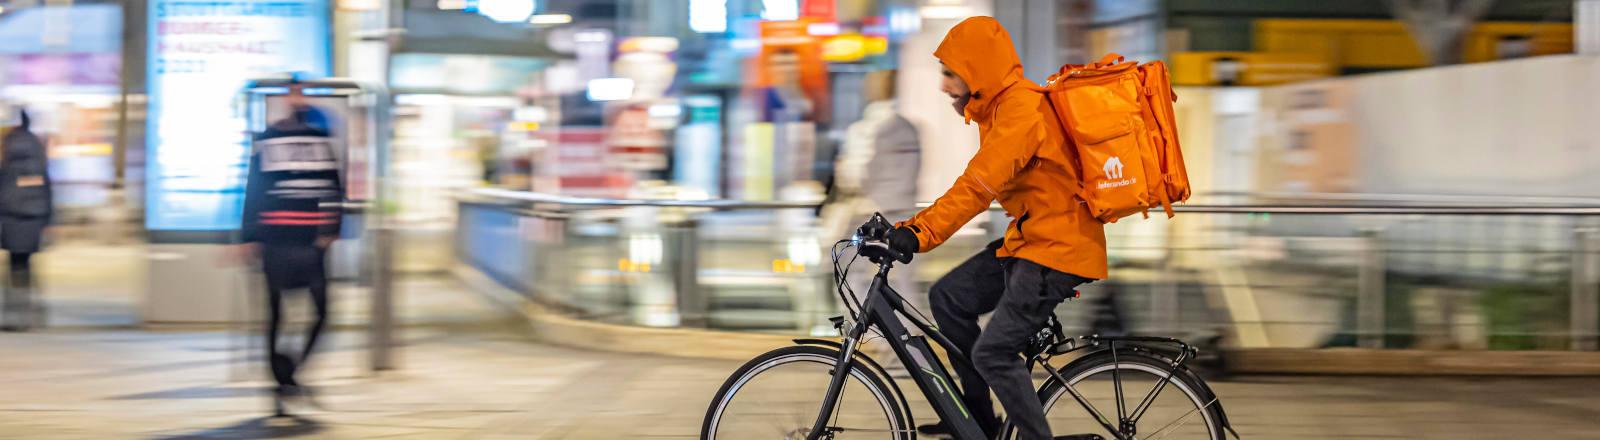 Lieferando-Zusteller auf Fahrrad